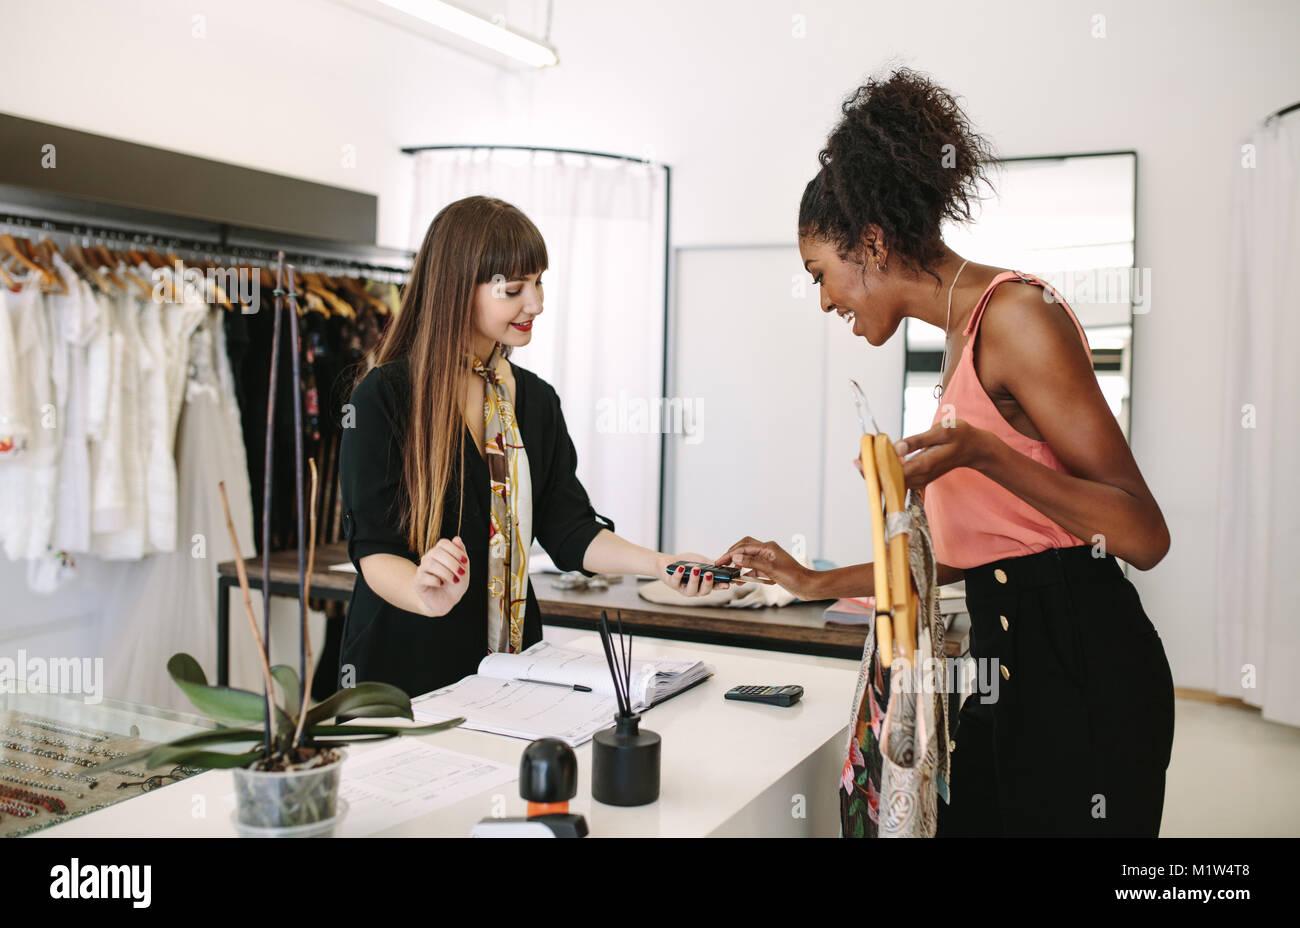 Diseñador de compras del cliente desgaste en una boutique de moda. El cliente, haciendo el pago introduciendo Imagen De Stock